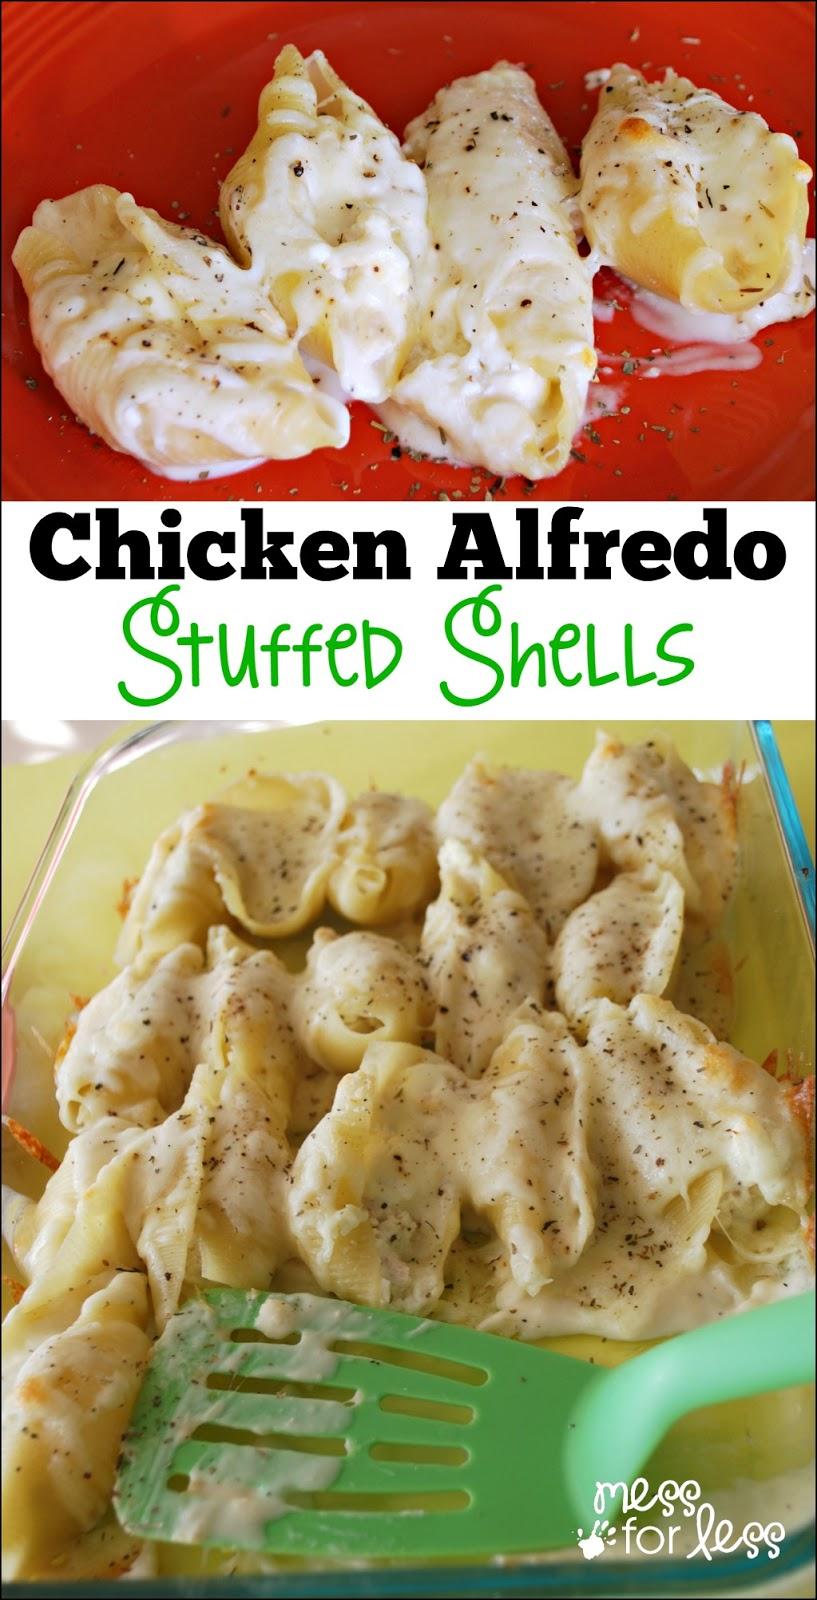 Alfredo Stuffed Shells - Yummy twist on traditional stuffed shells ...